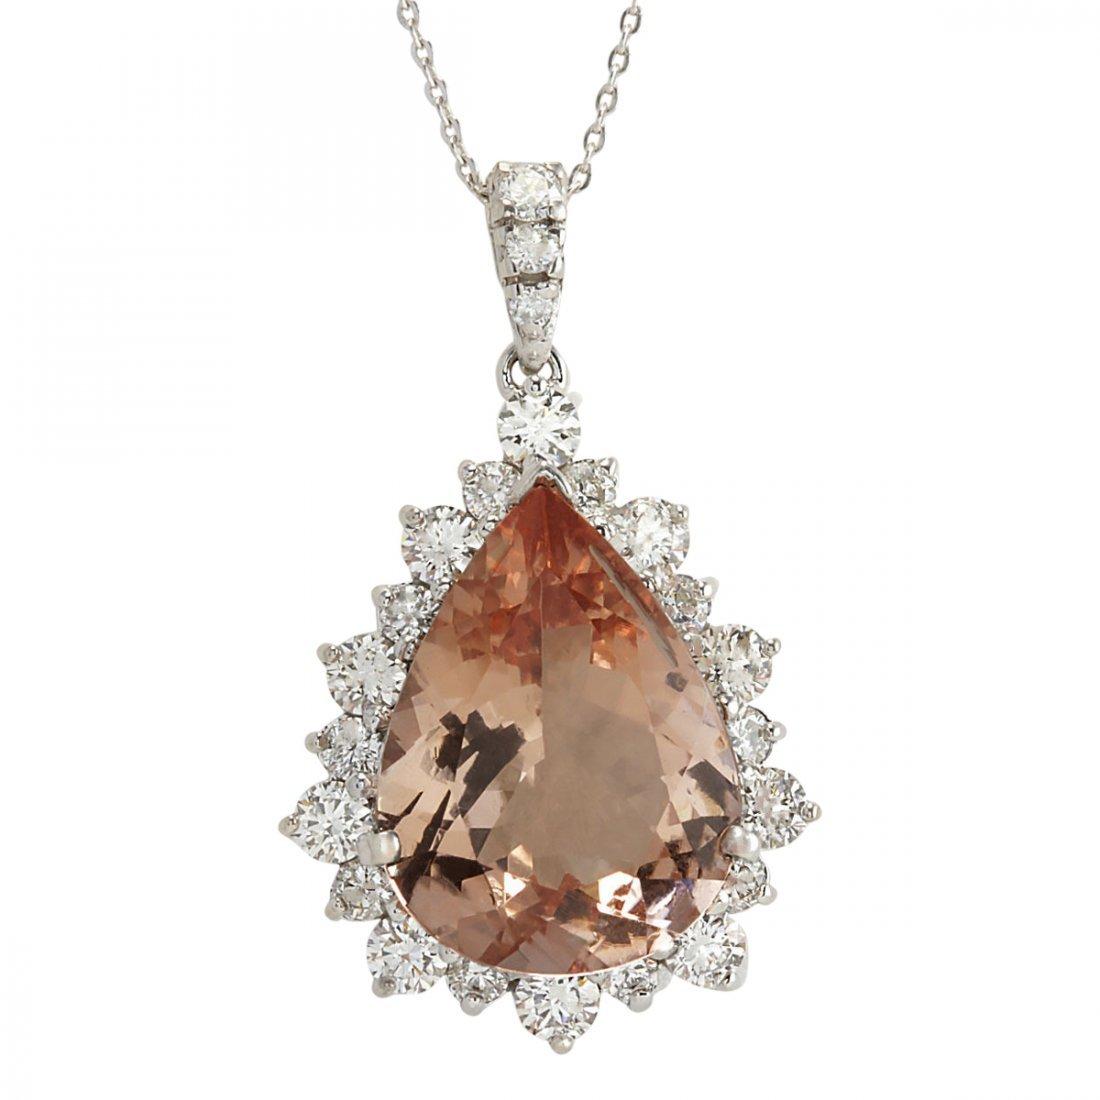 13.42 CTW Natural Morganite And Diamond Pendant In 14K